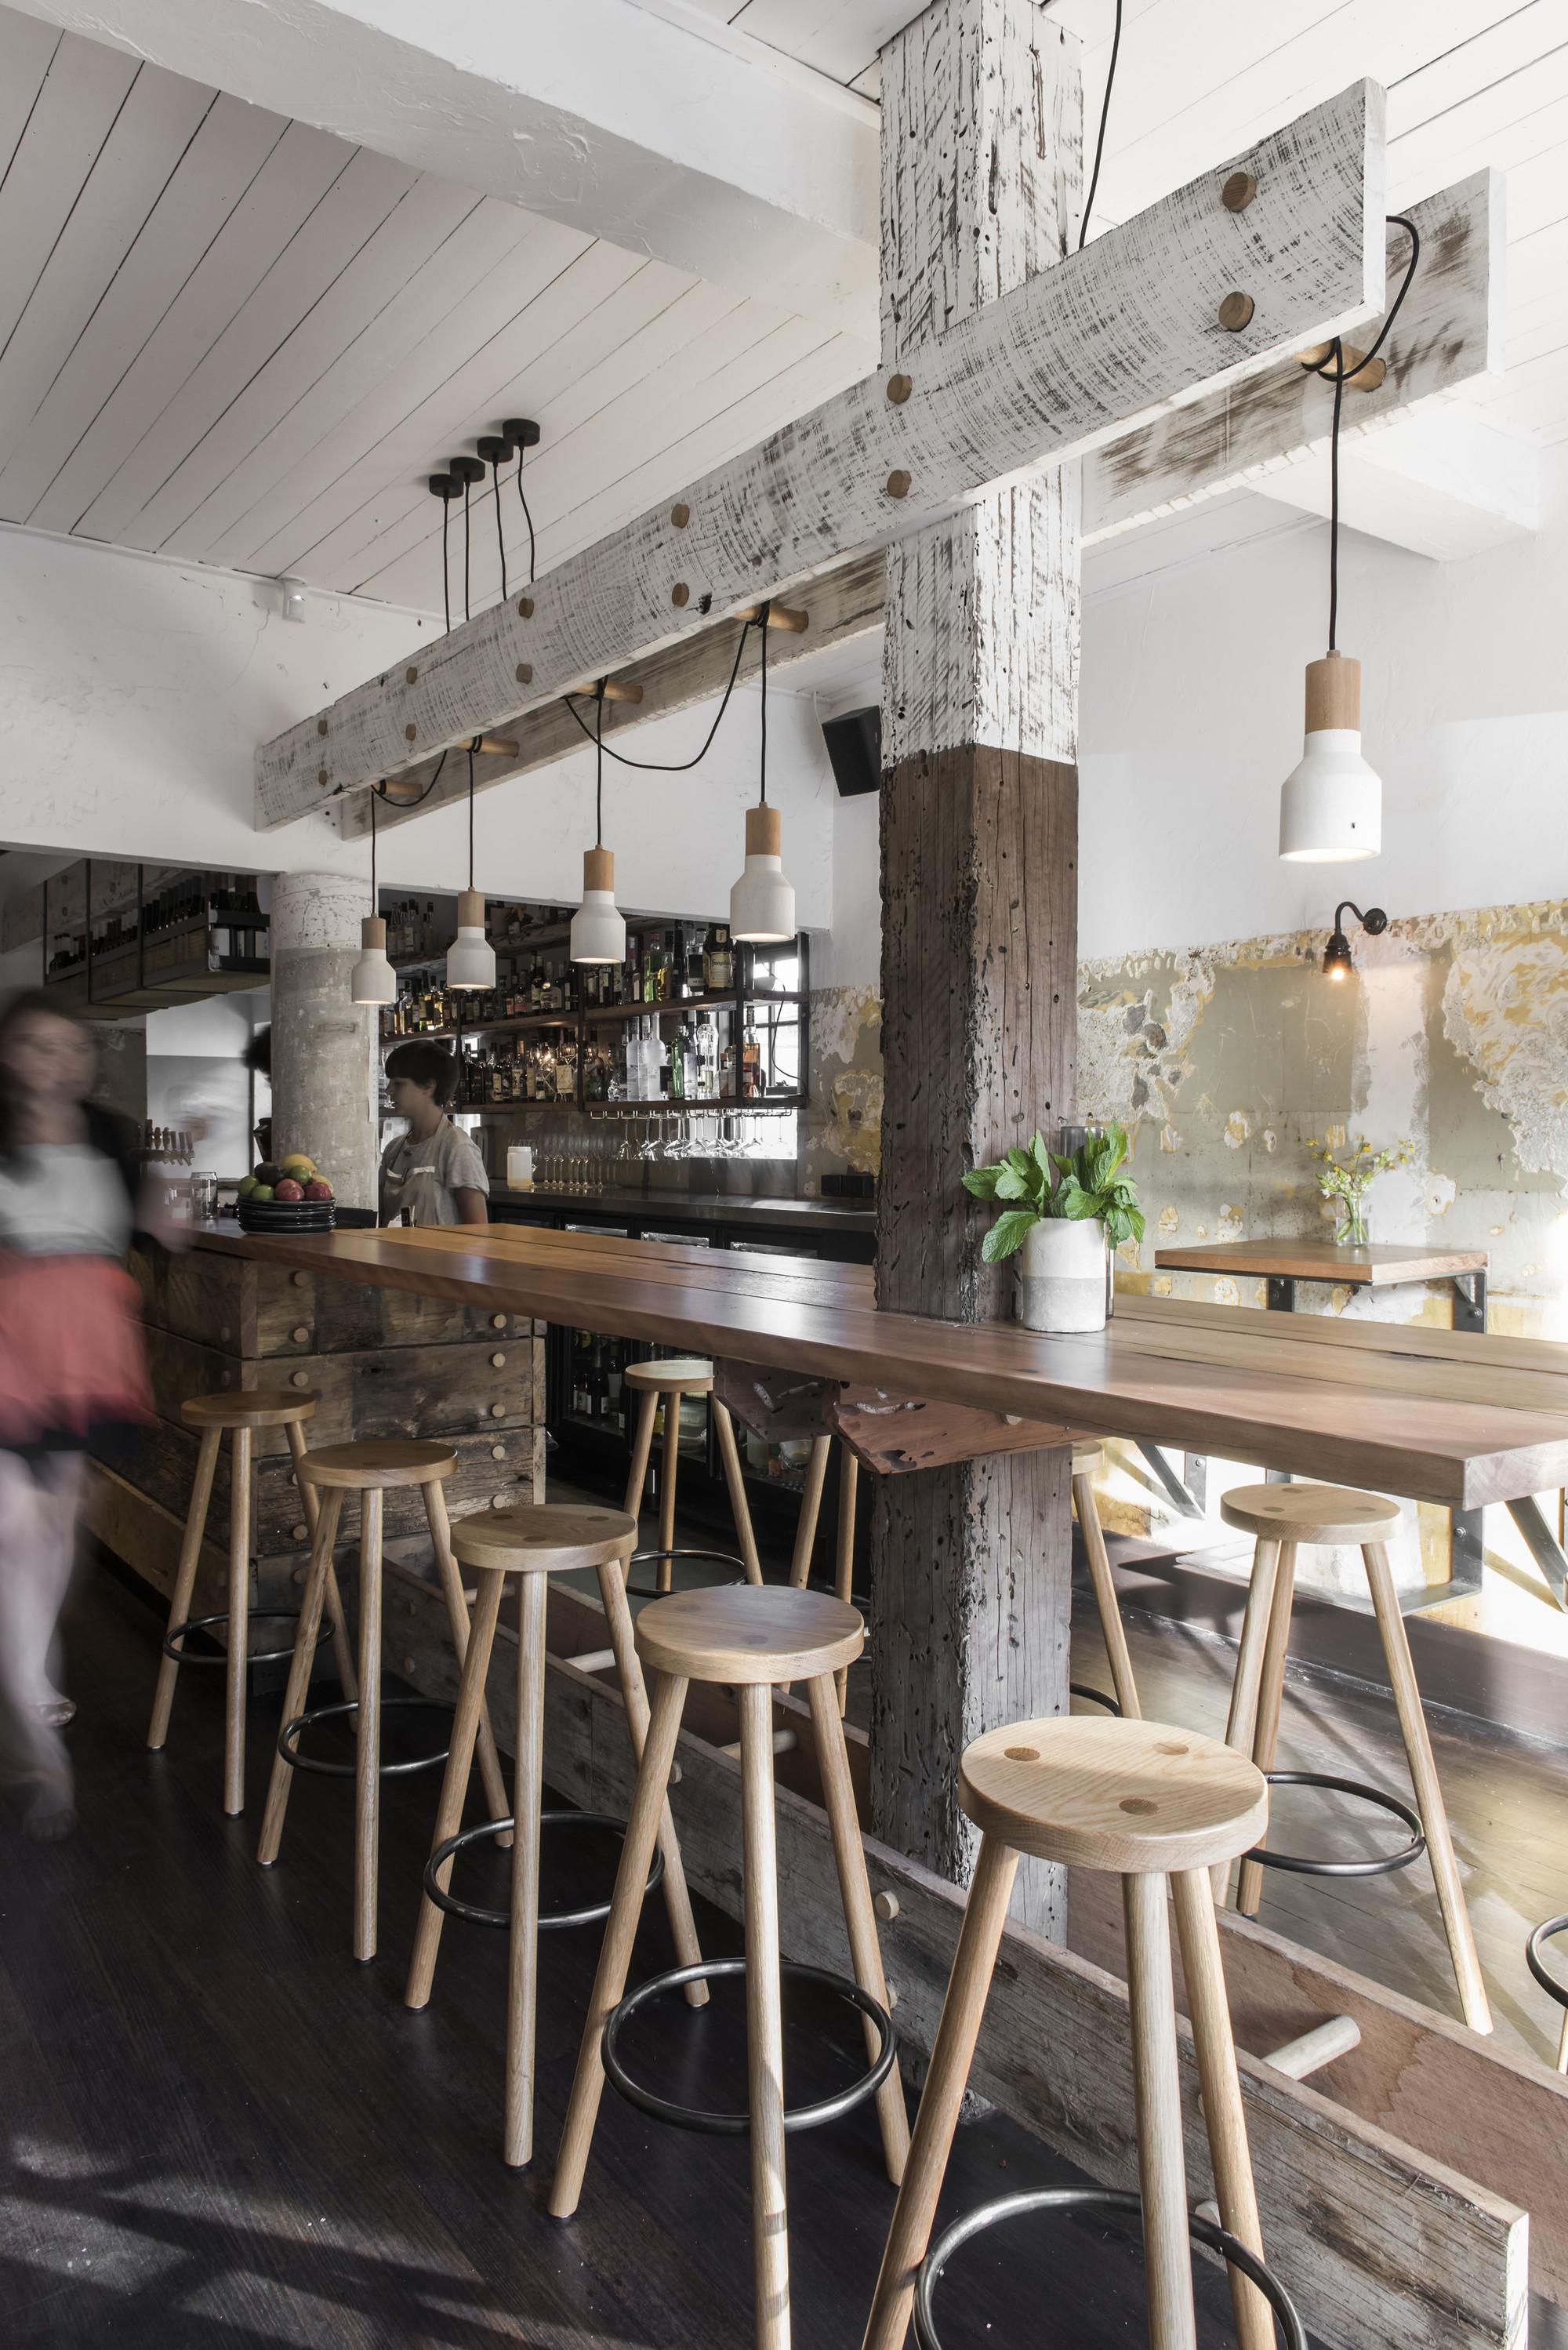 Architectural design ideas for restaurant the nelson techne architecture interior design australia